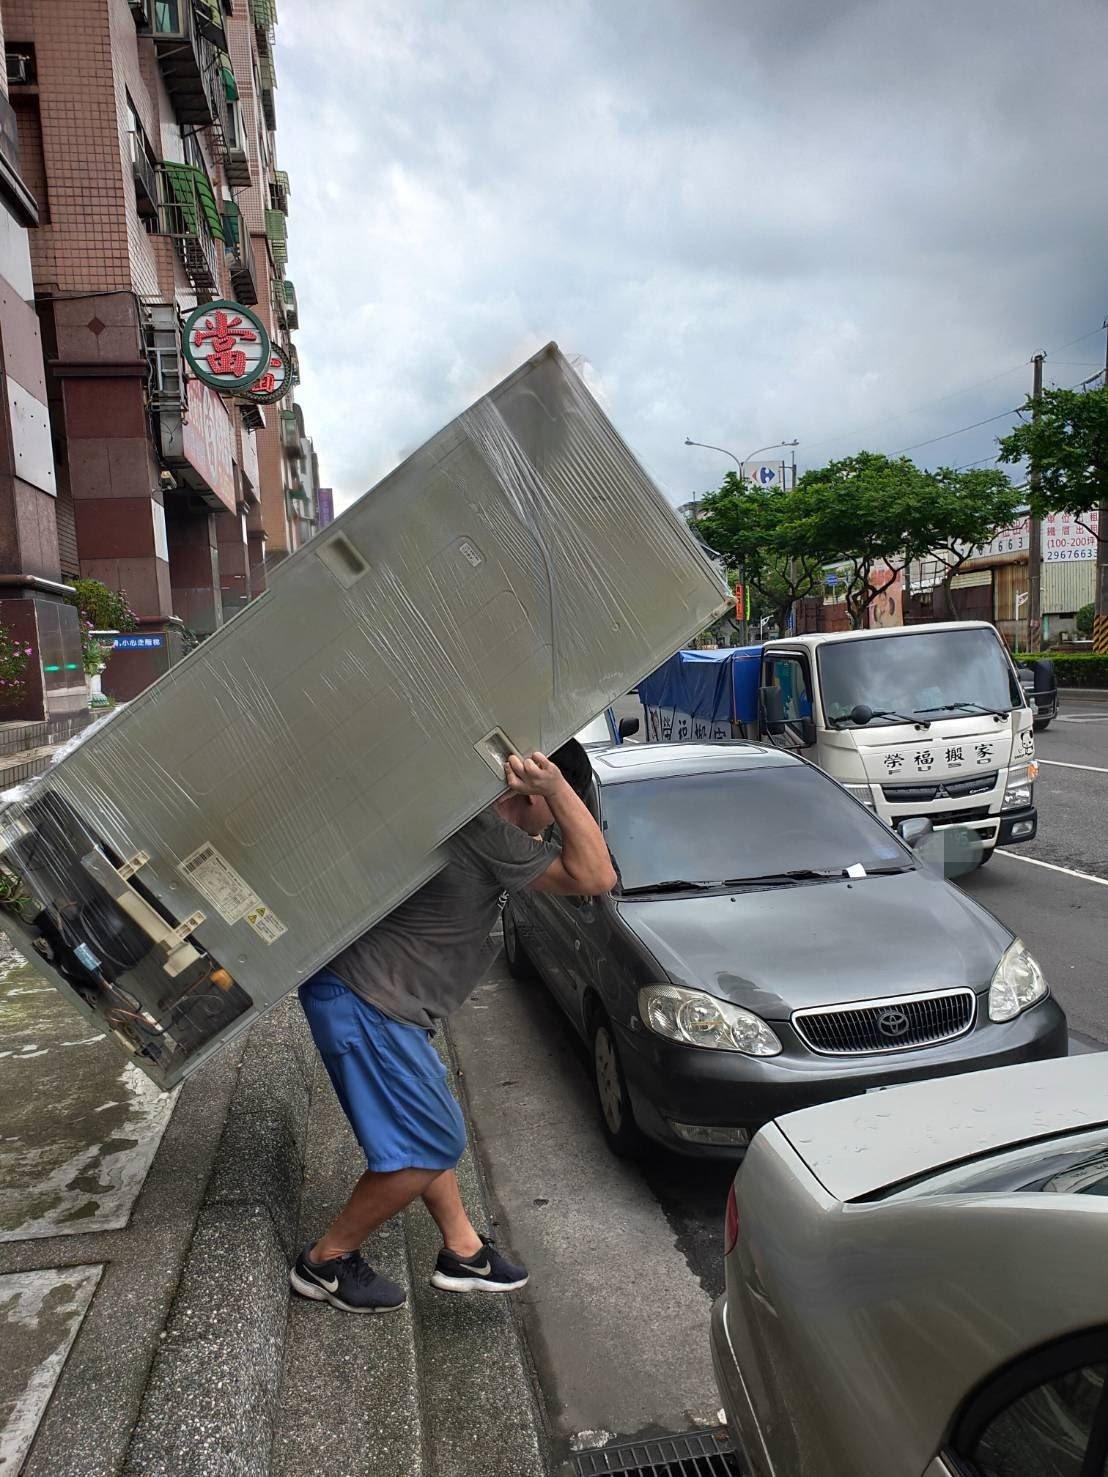 師傅強而有力的雙臂,一肩扛起冰箱-台北榮福搬家搬運公司推薦